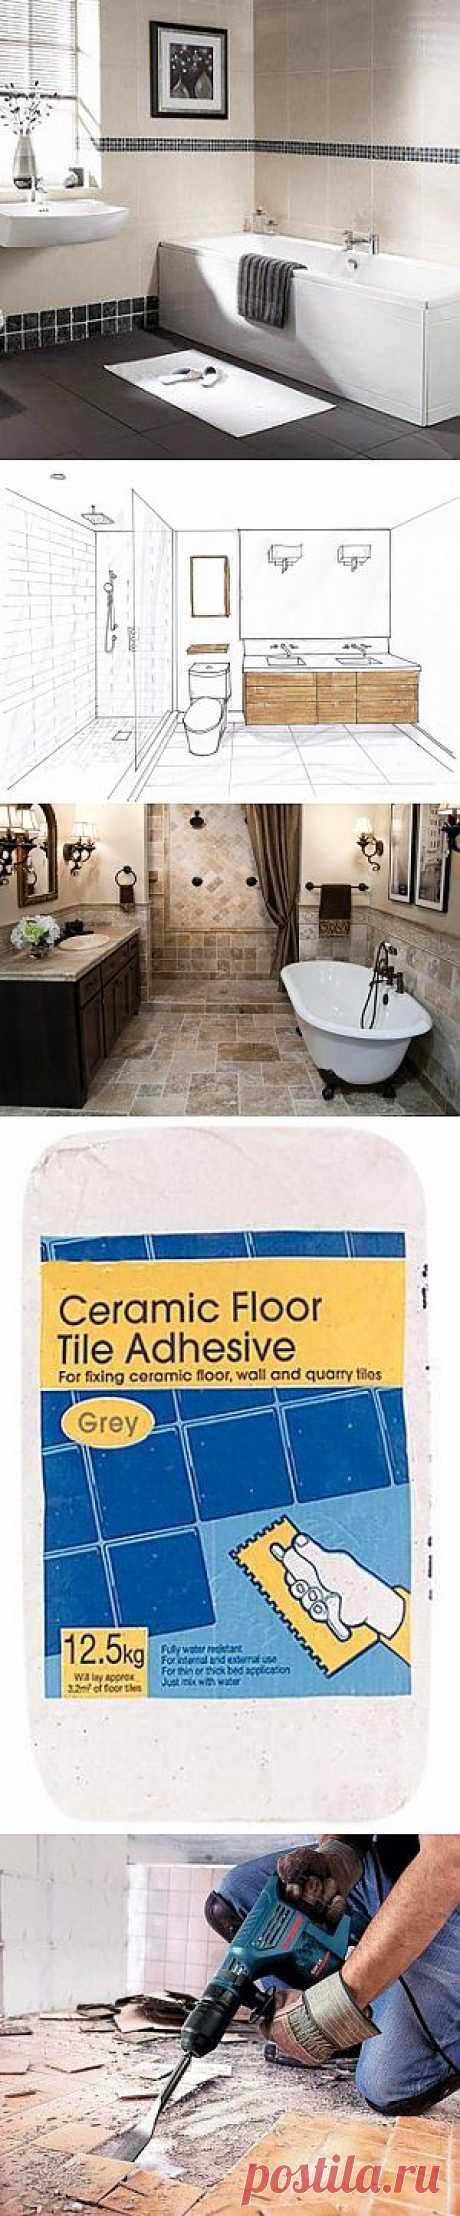 Ремонт ванной комнаты своими руками от А до Я